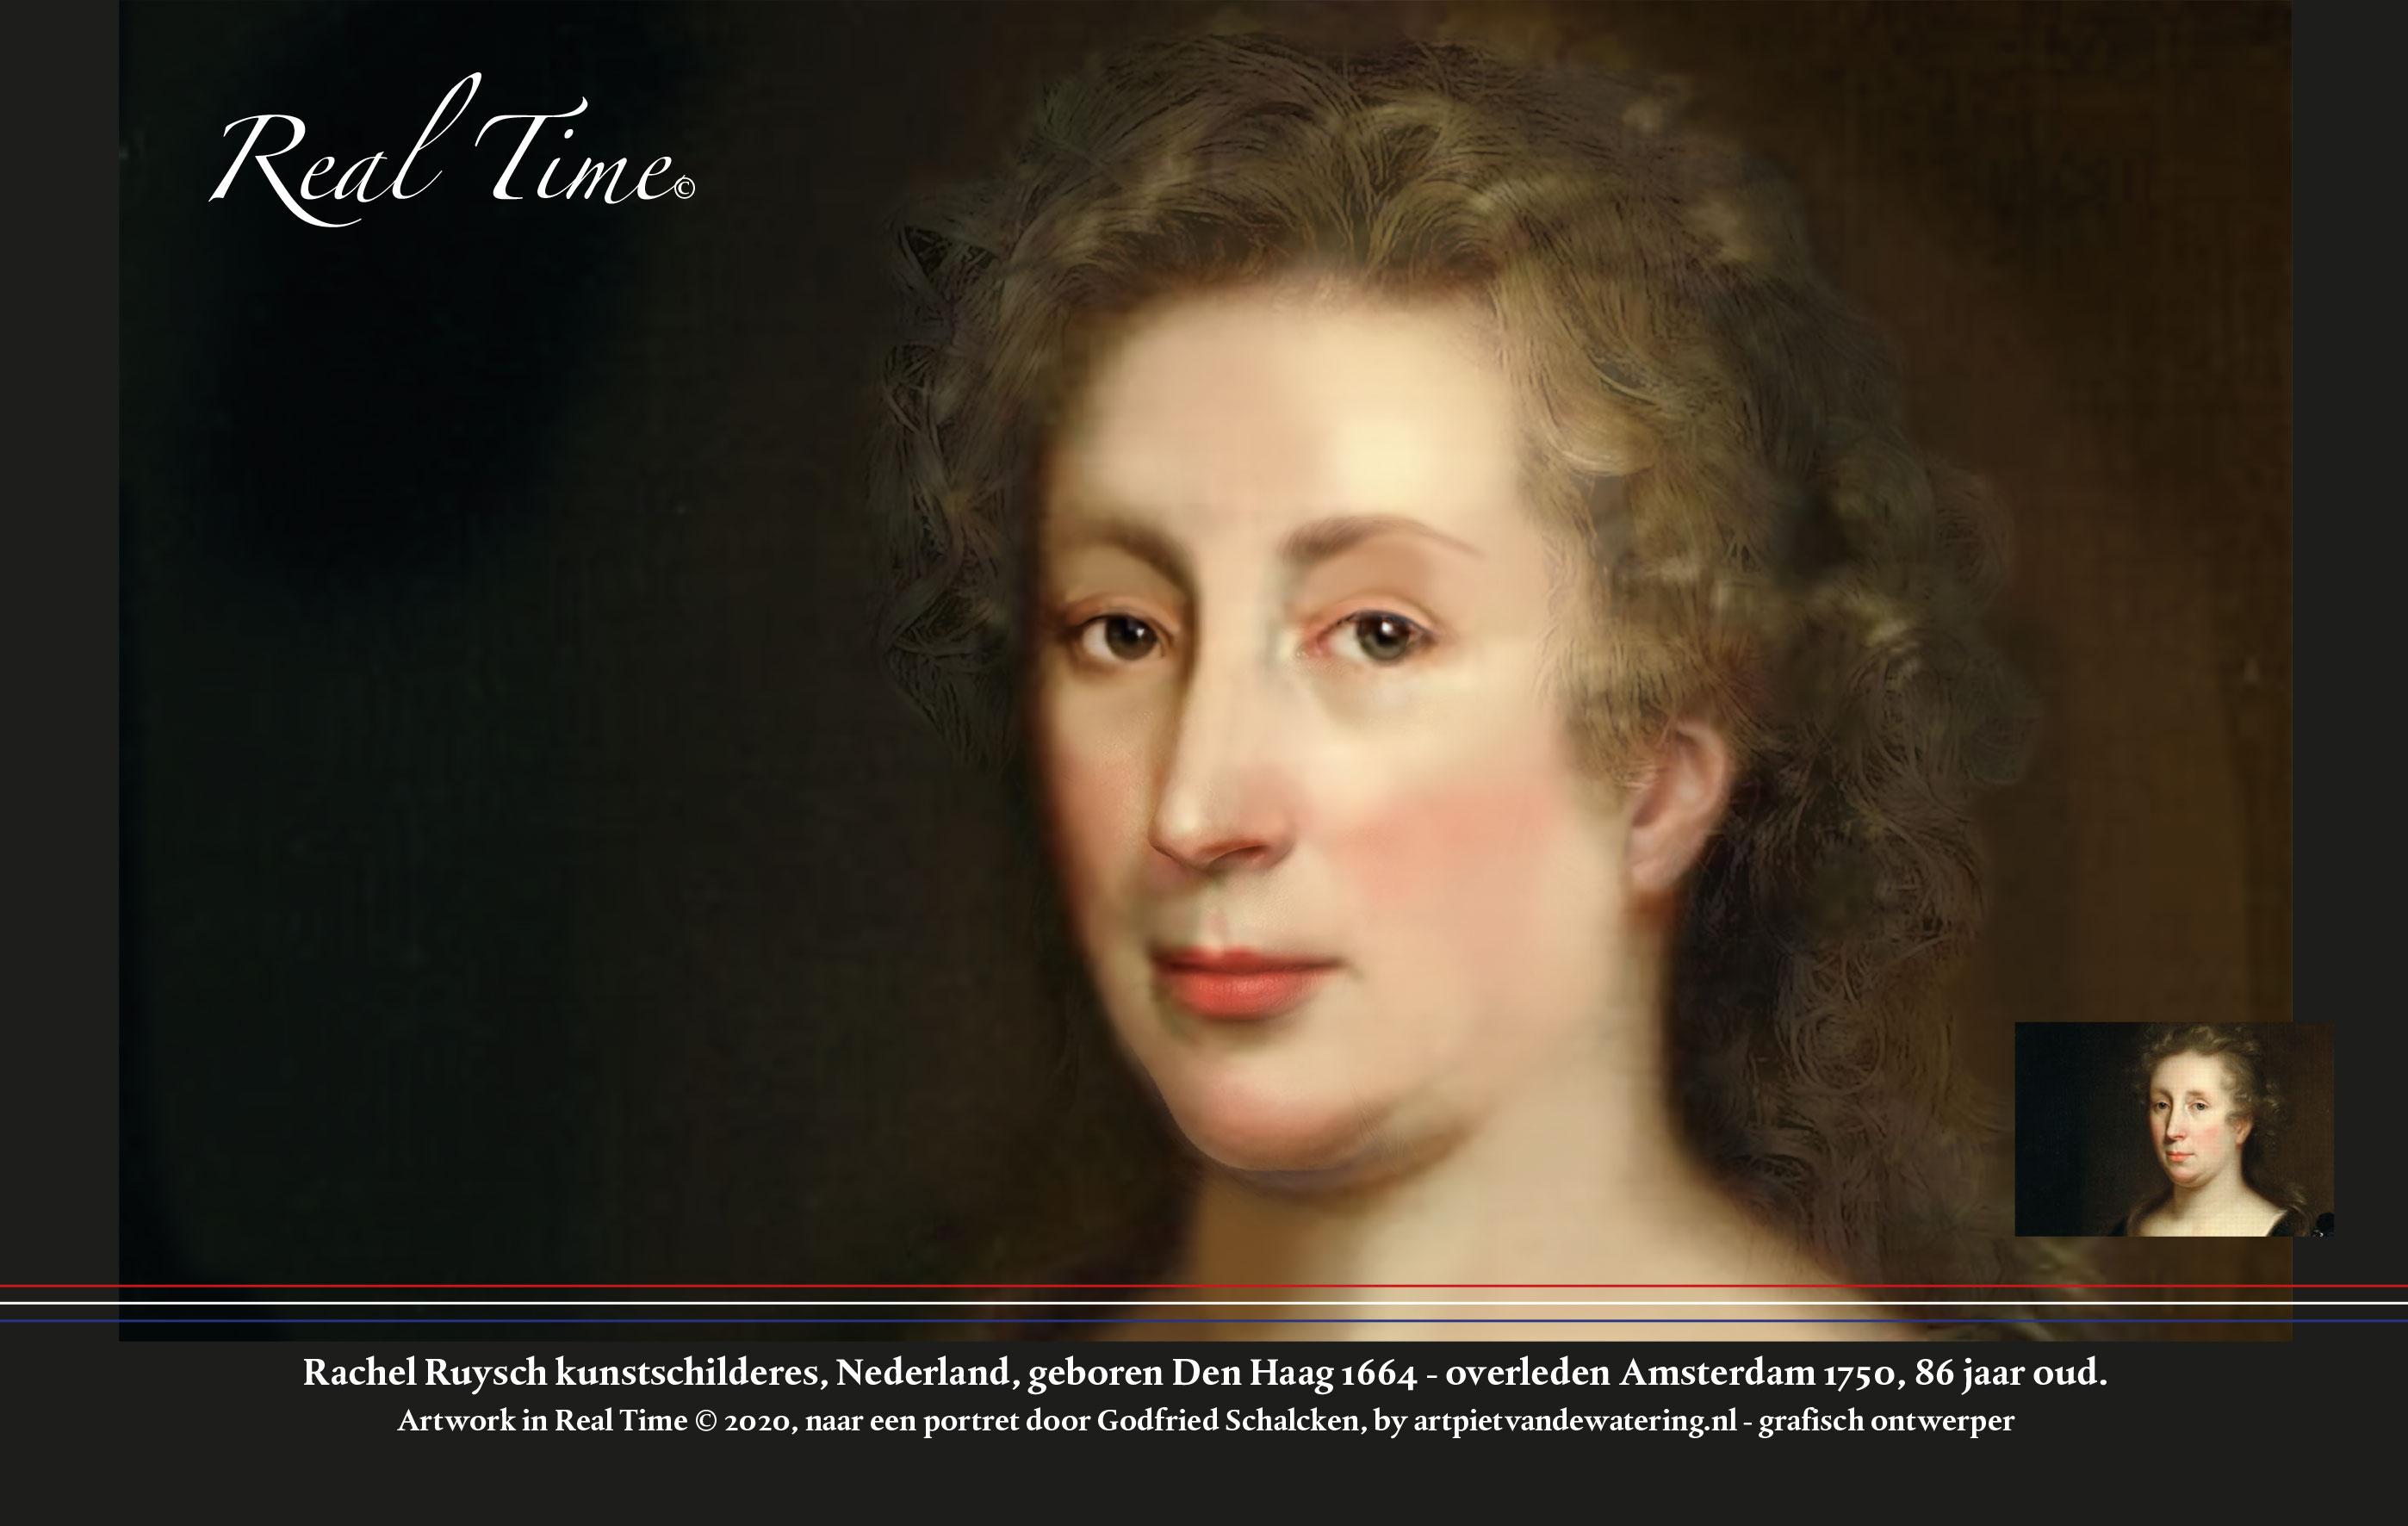 Rachel-Ruysch-1664-1750